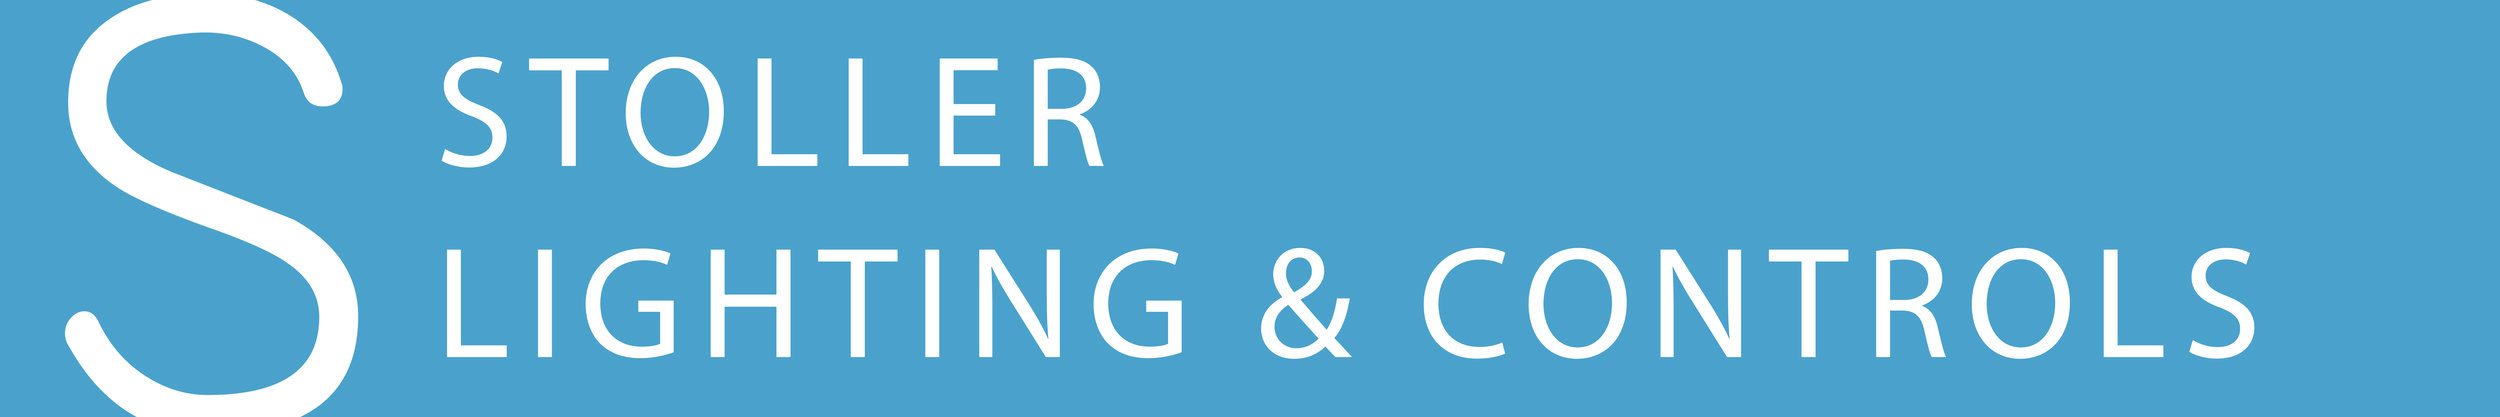 Stoller Lighting _ Controls webiste logo.jpg